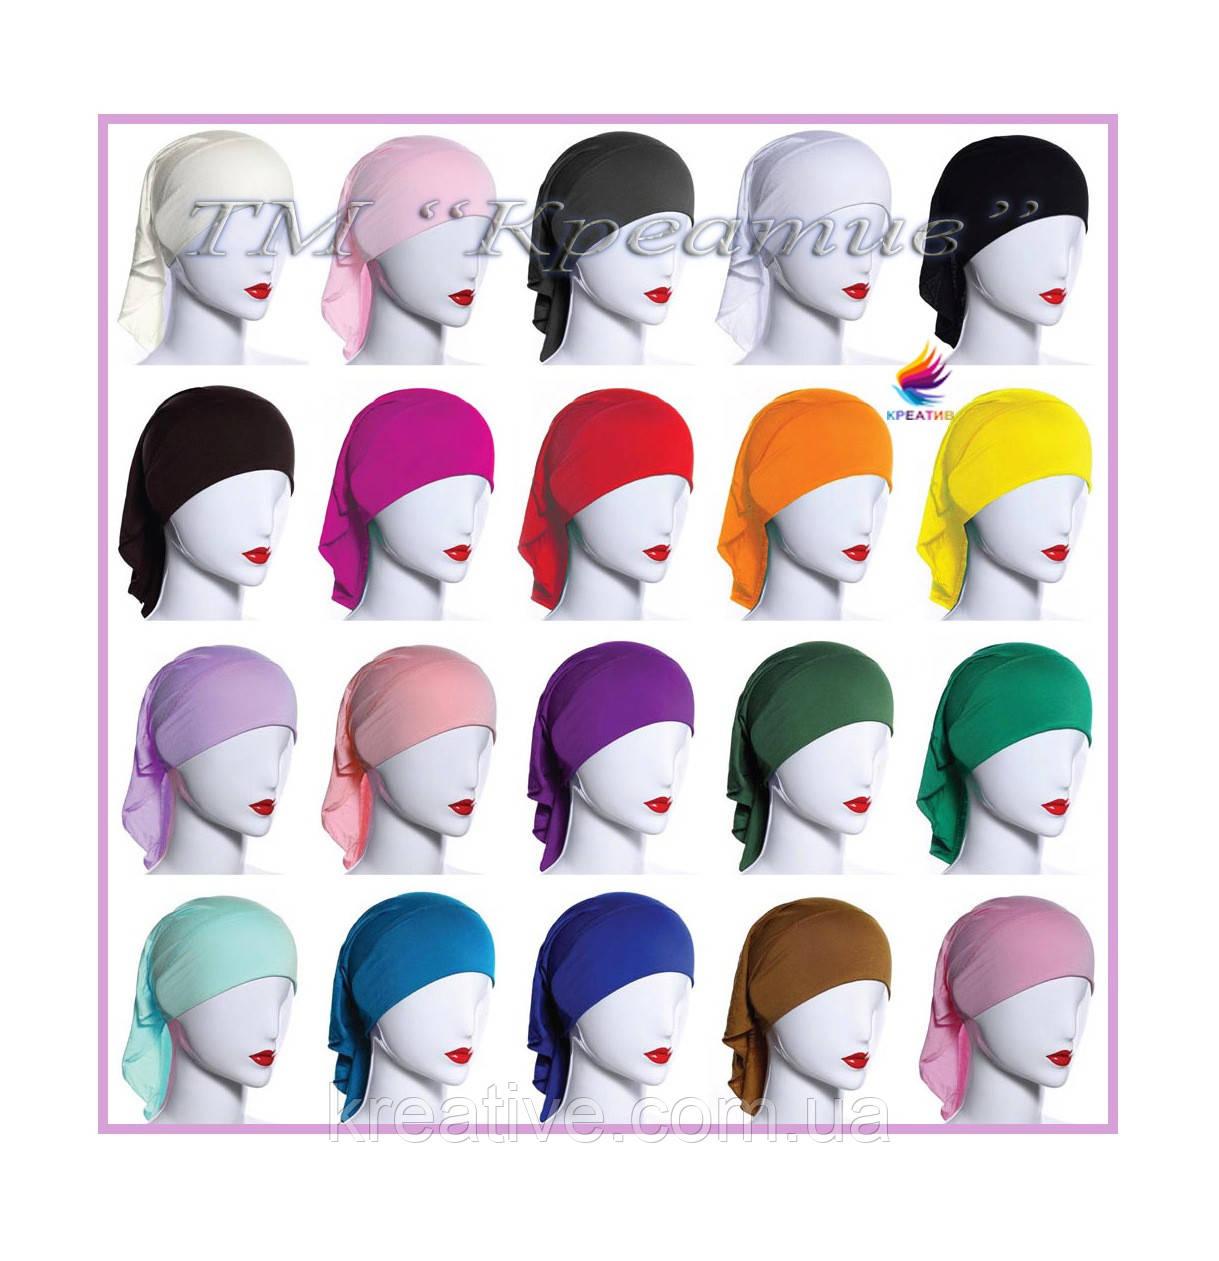 Косынки различных форм и расцветок (под заказ от 50 шт)